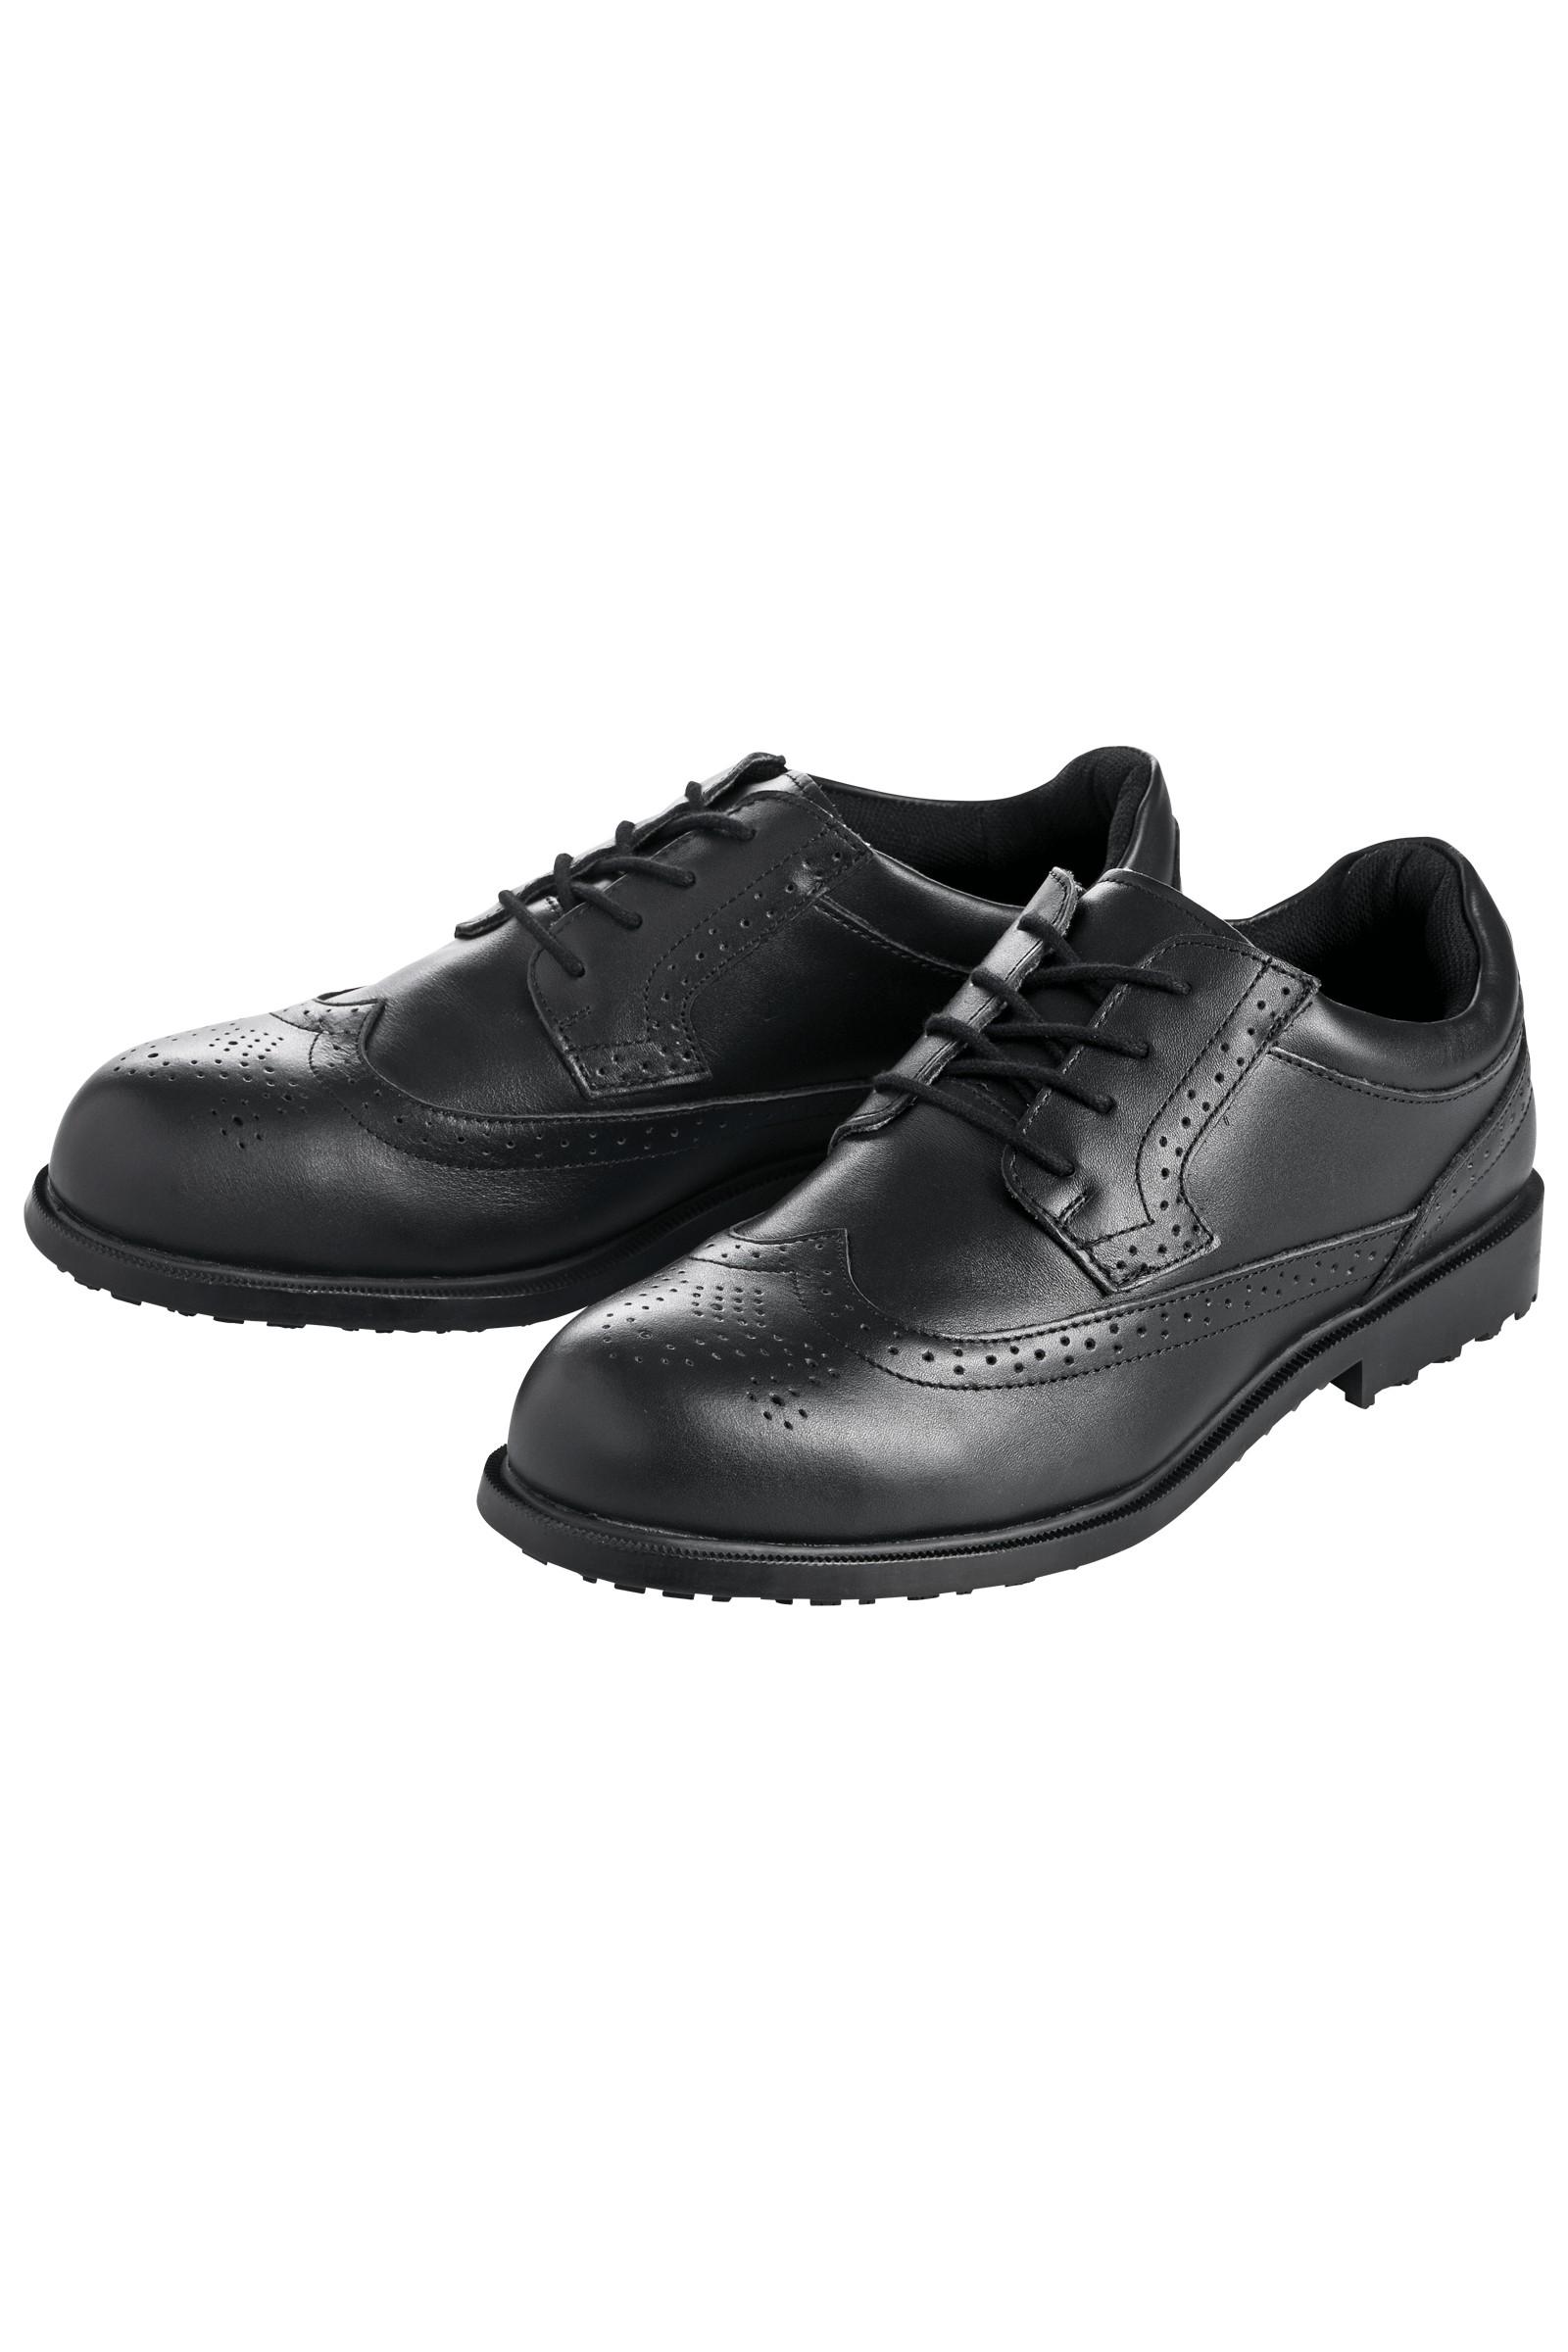 Chaussure de securite cuisine clement